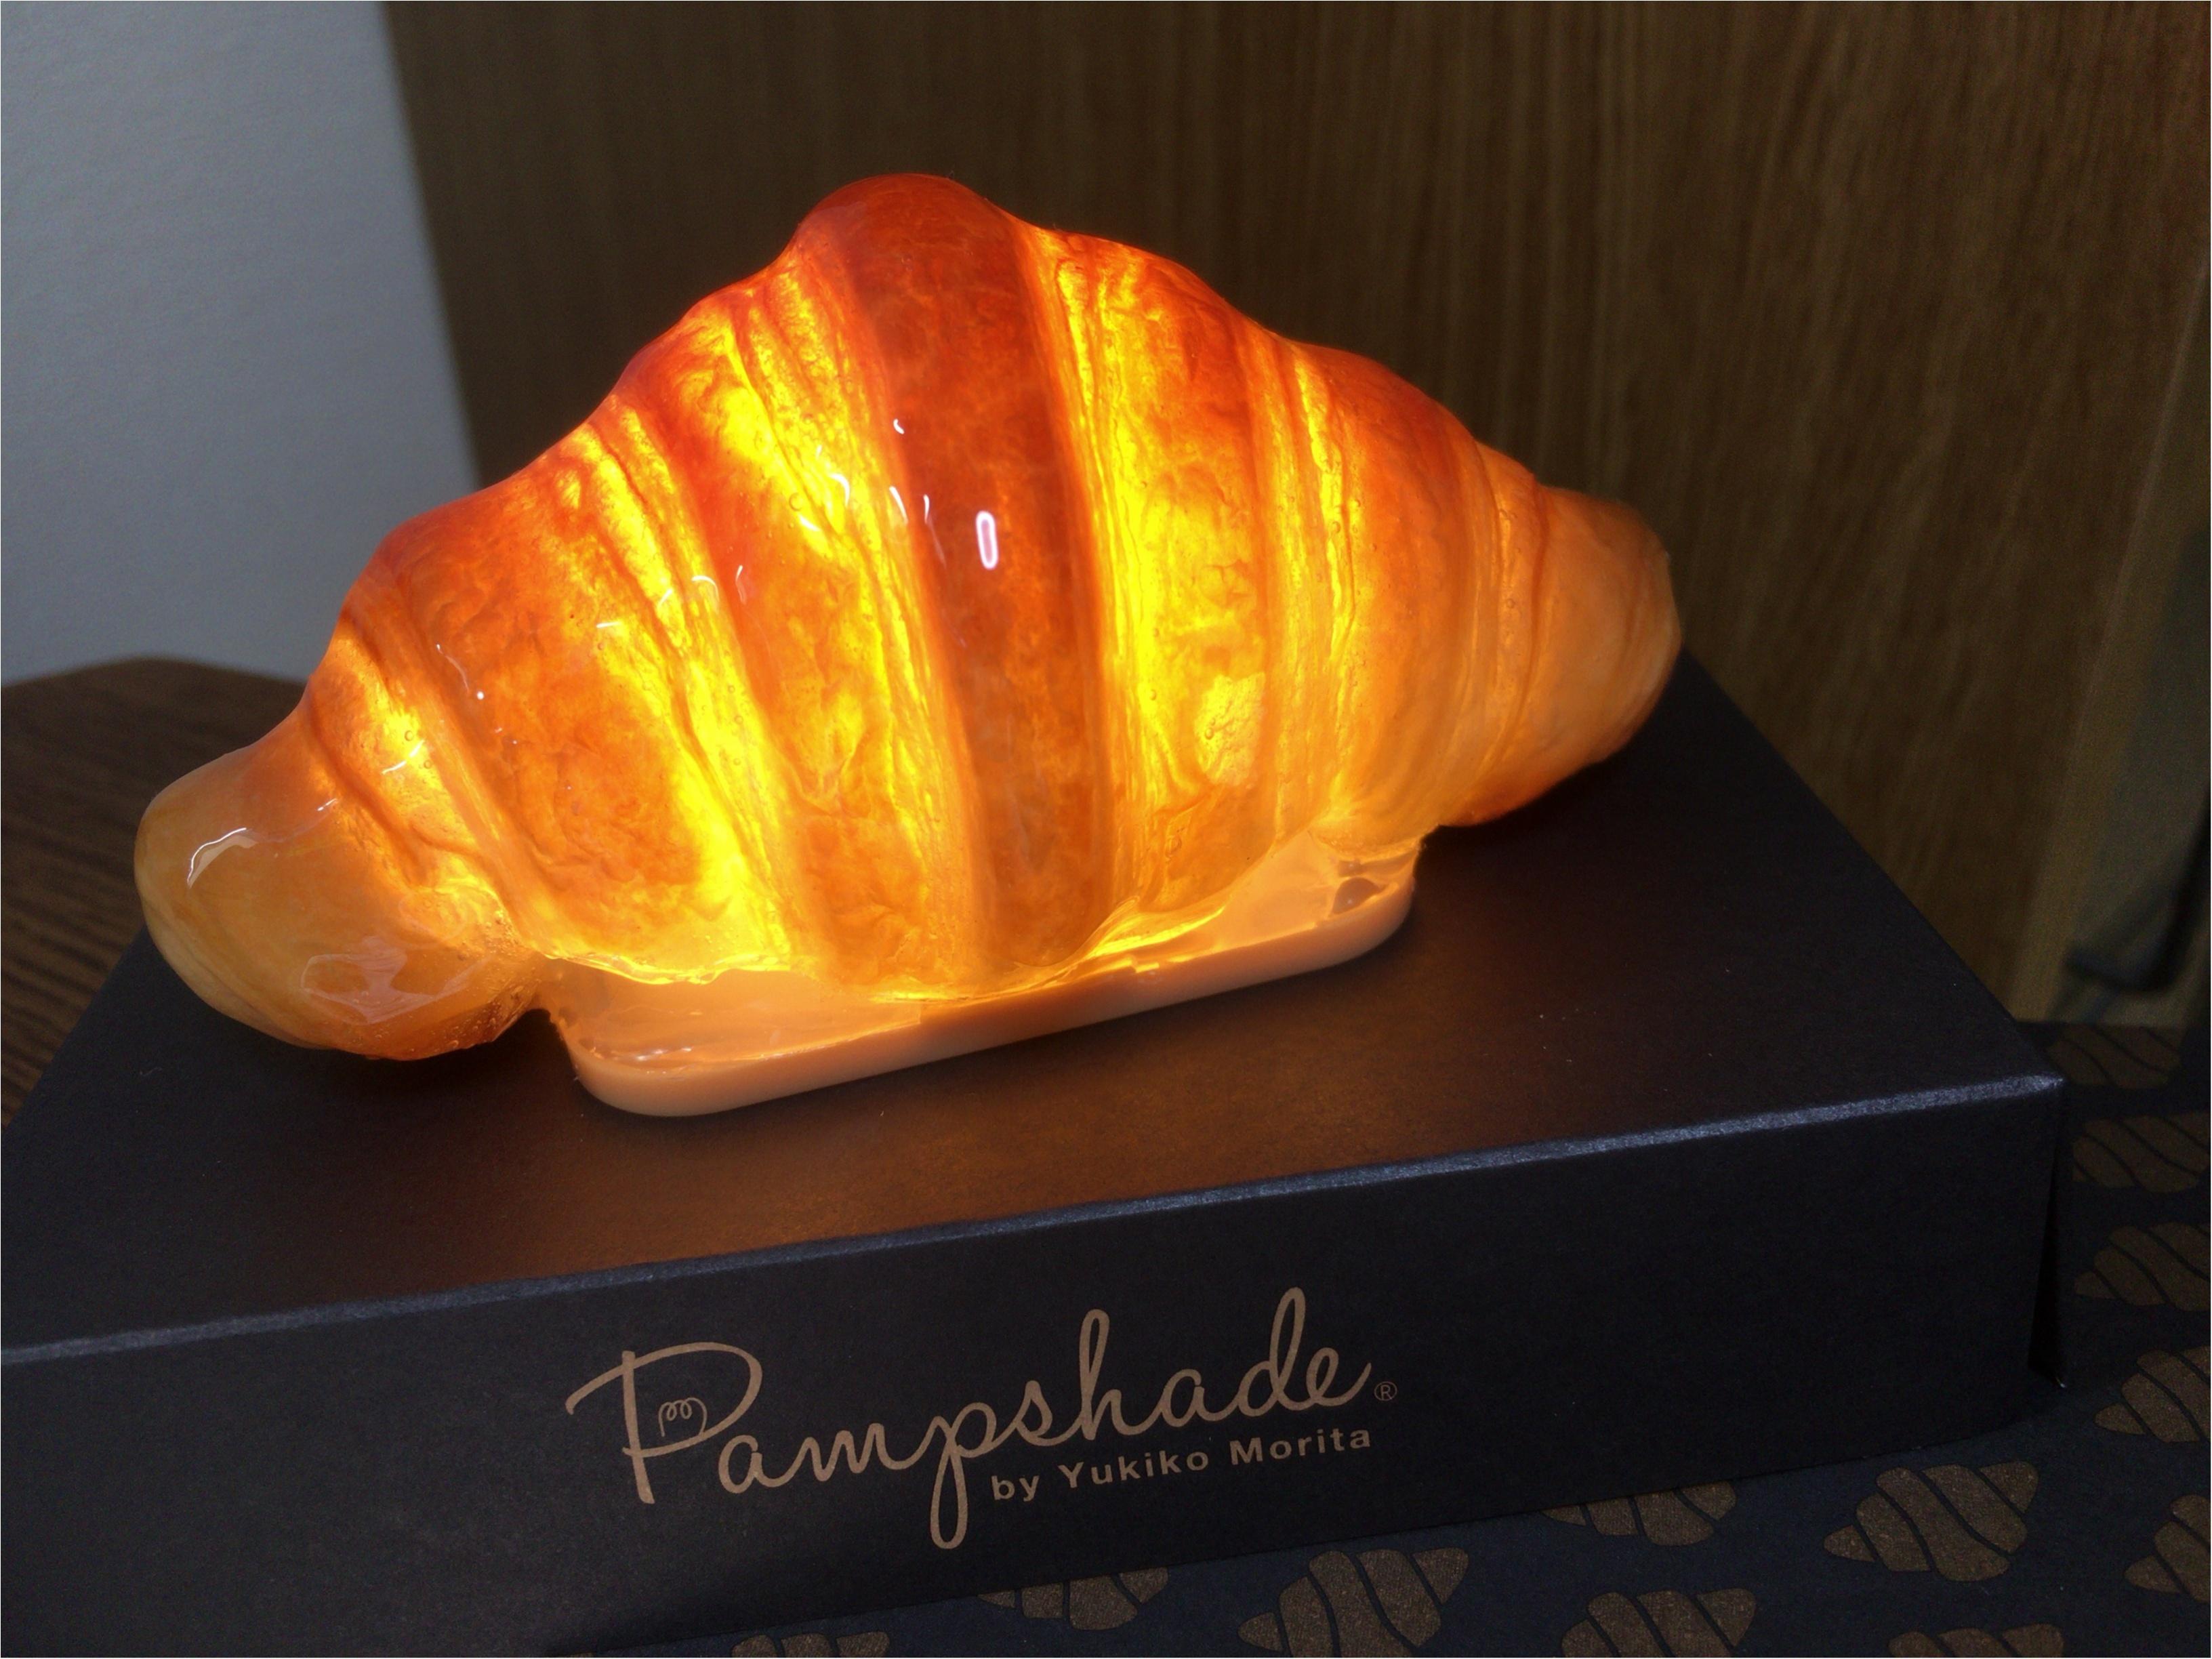 本物のパンでライト?クロワッサンが可愛い《パンプシェード》って何?なインテリア雑貨を見つけました!_9